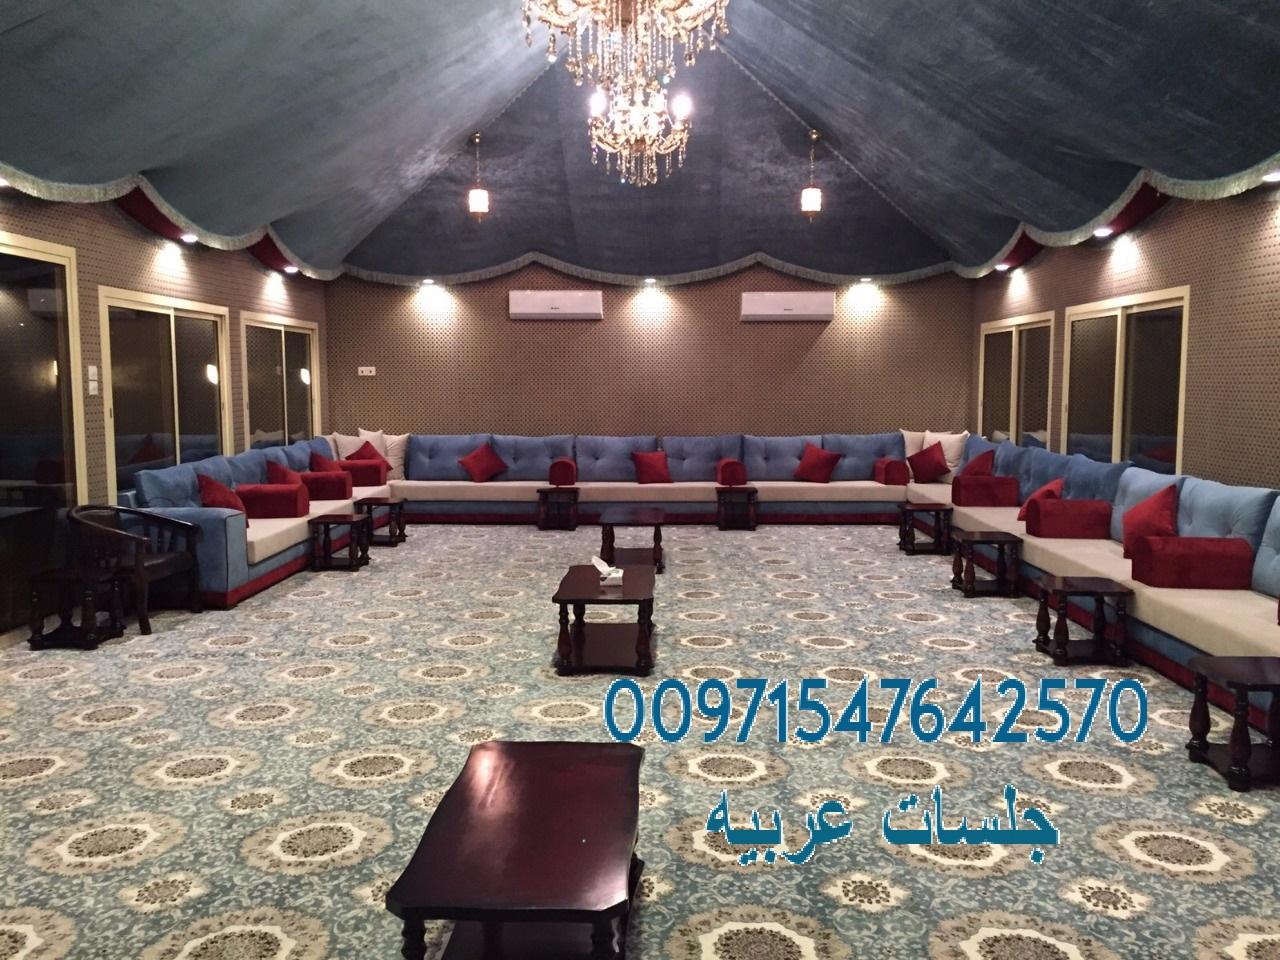 صوره جلسات عربية , قاعدات عربية راقية جدا